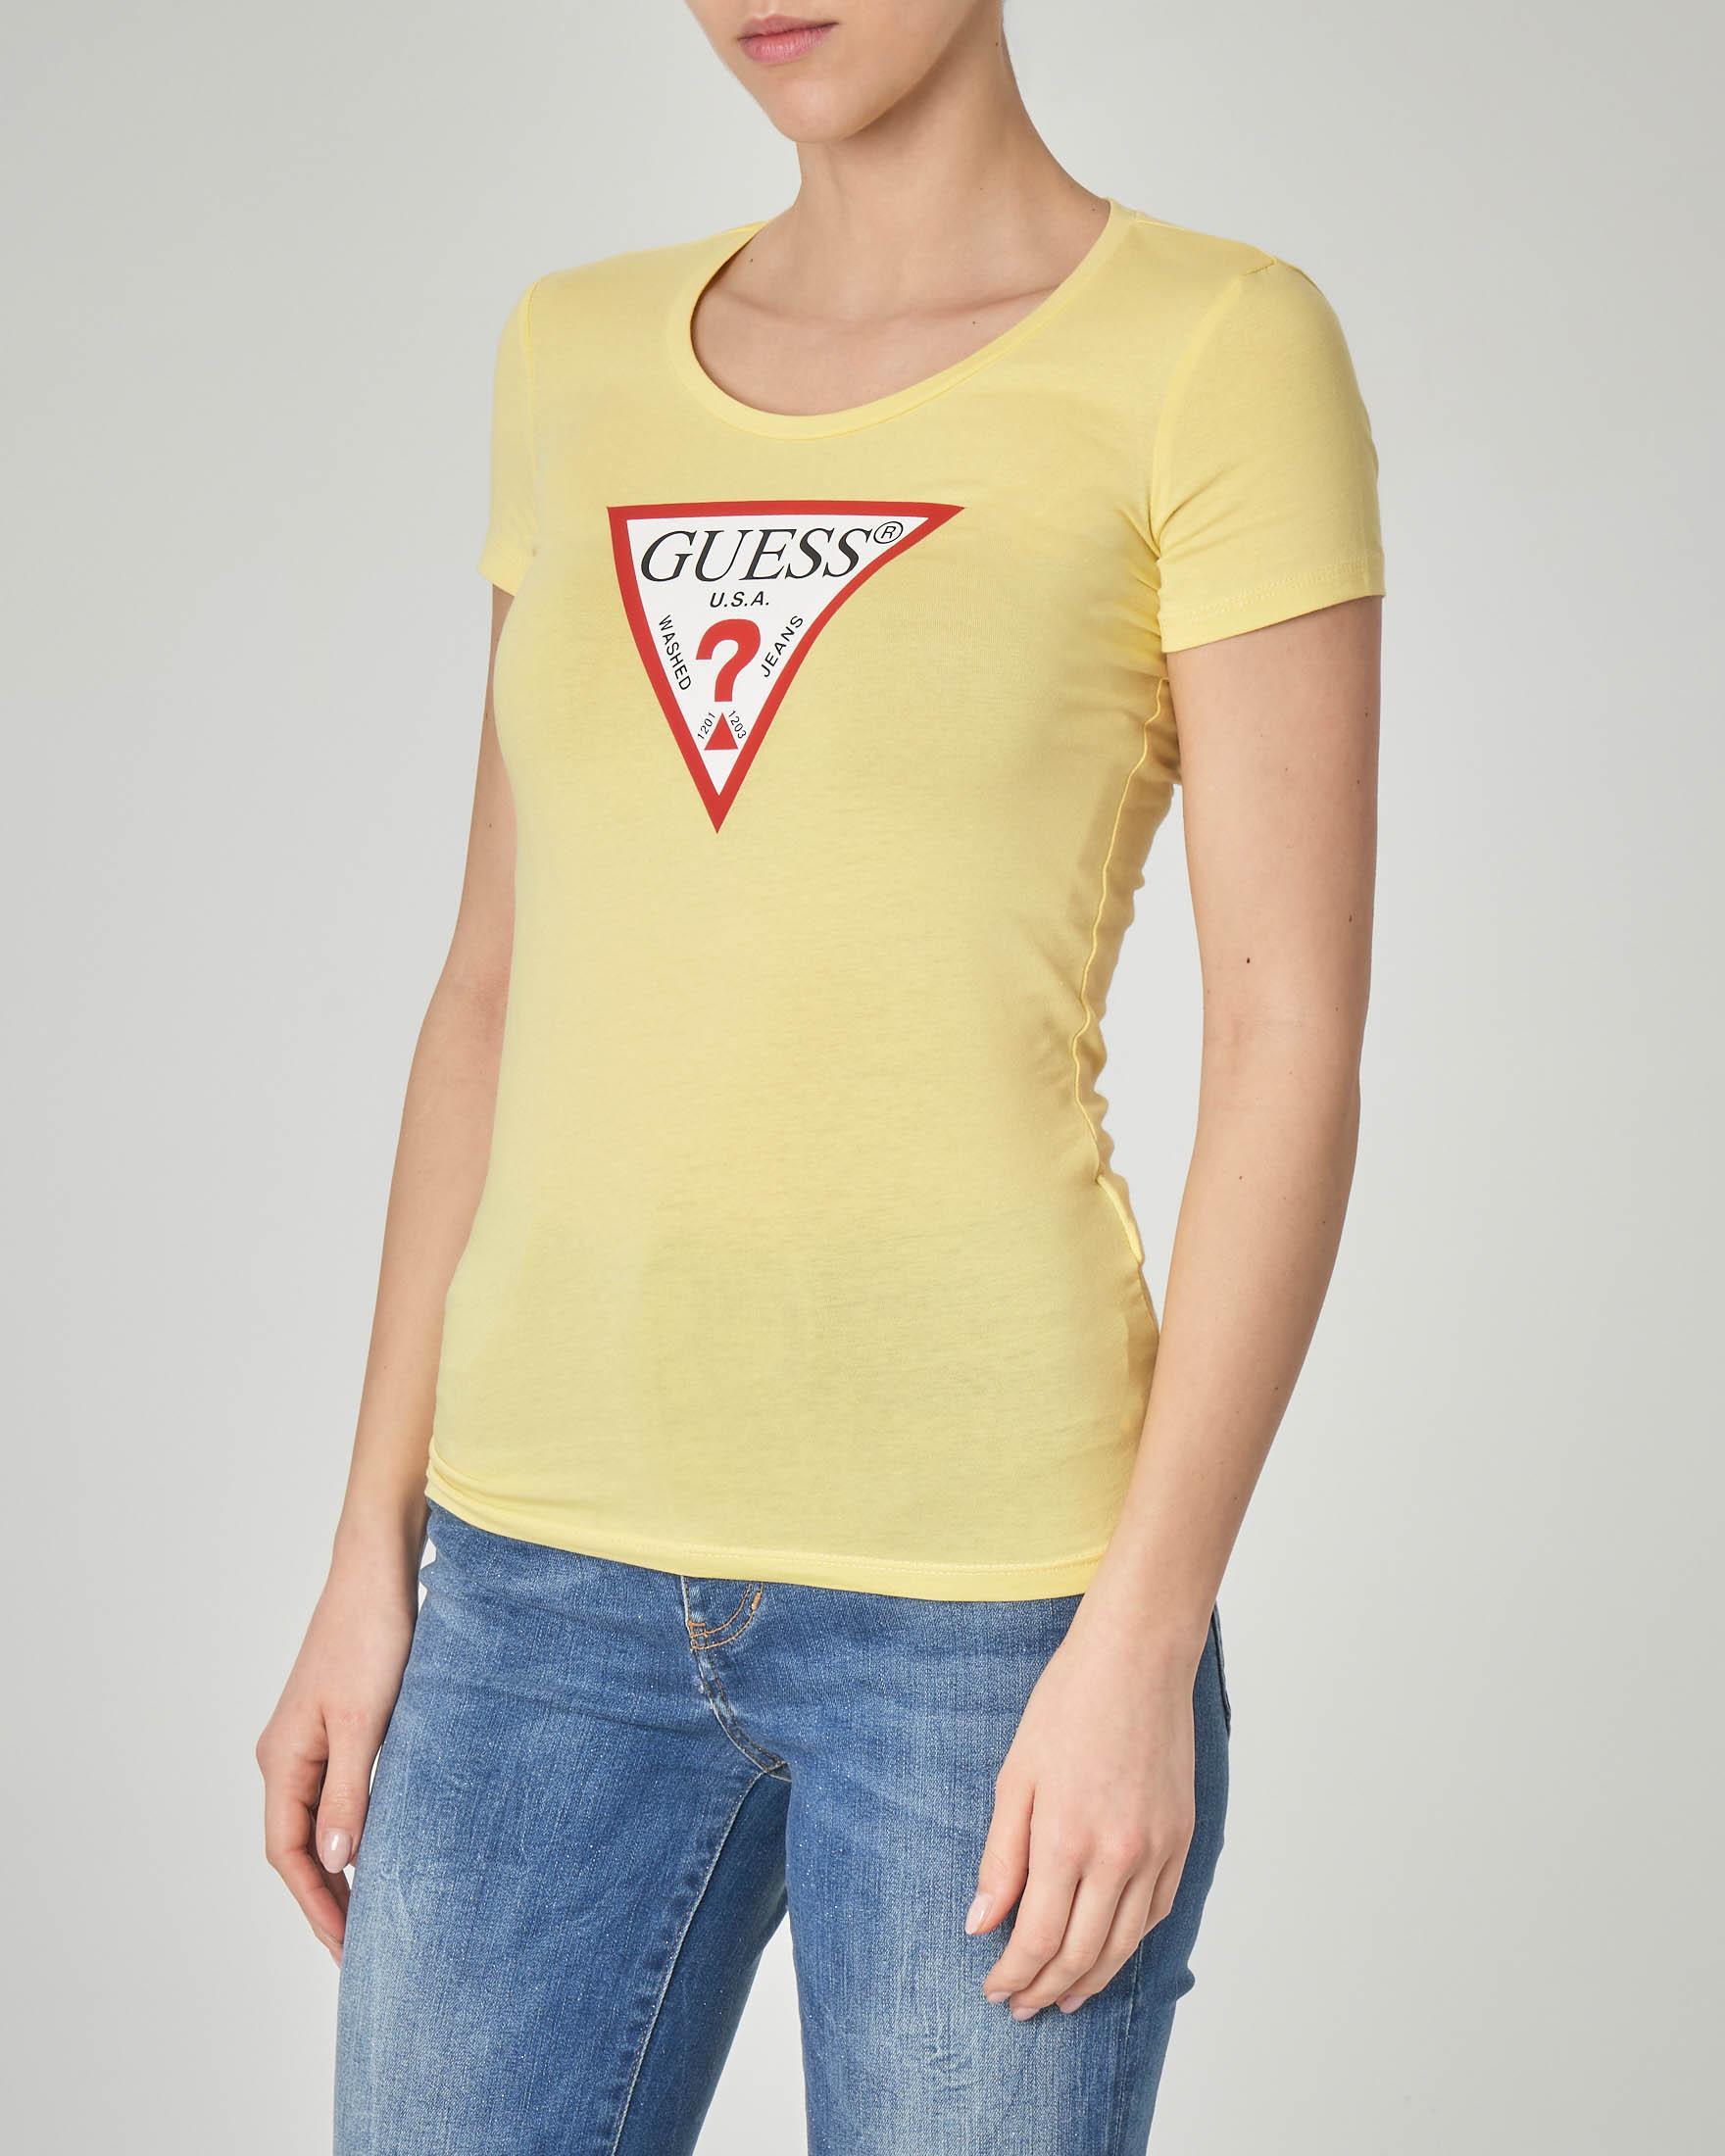 T-shirt gialla aderente maniche corte con logo